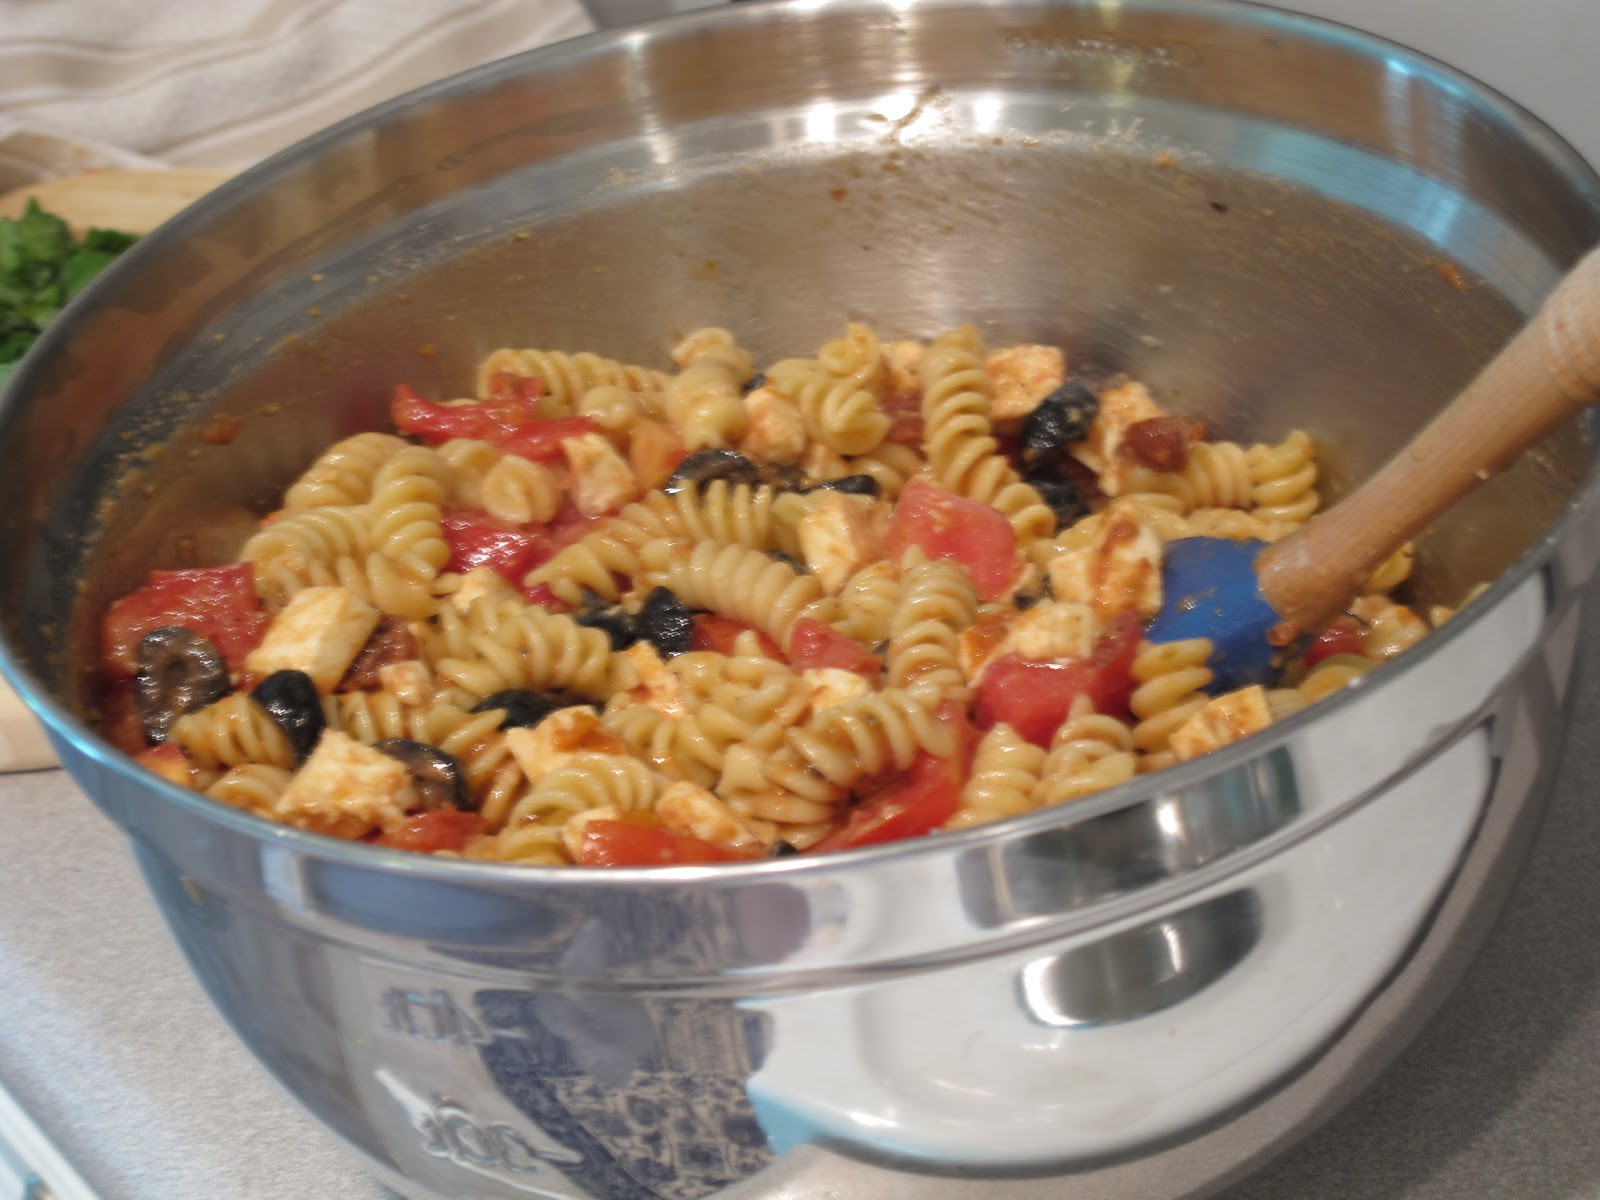 Magnolia Cooks Ina Garten 39 S Pasta Salad